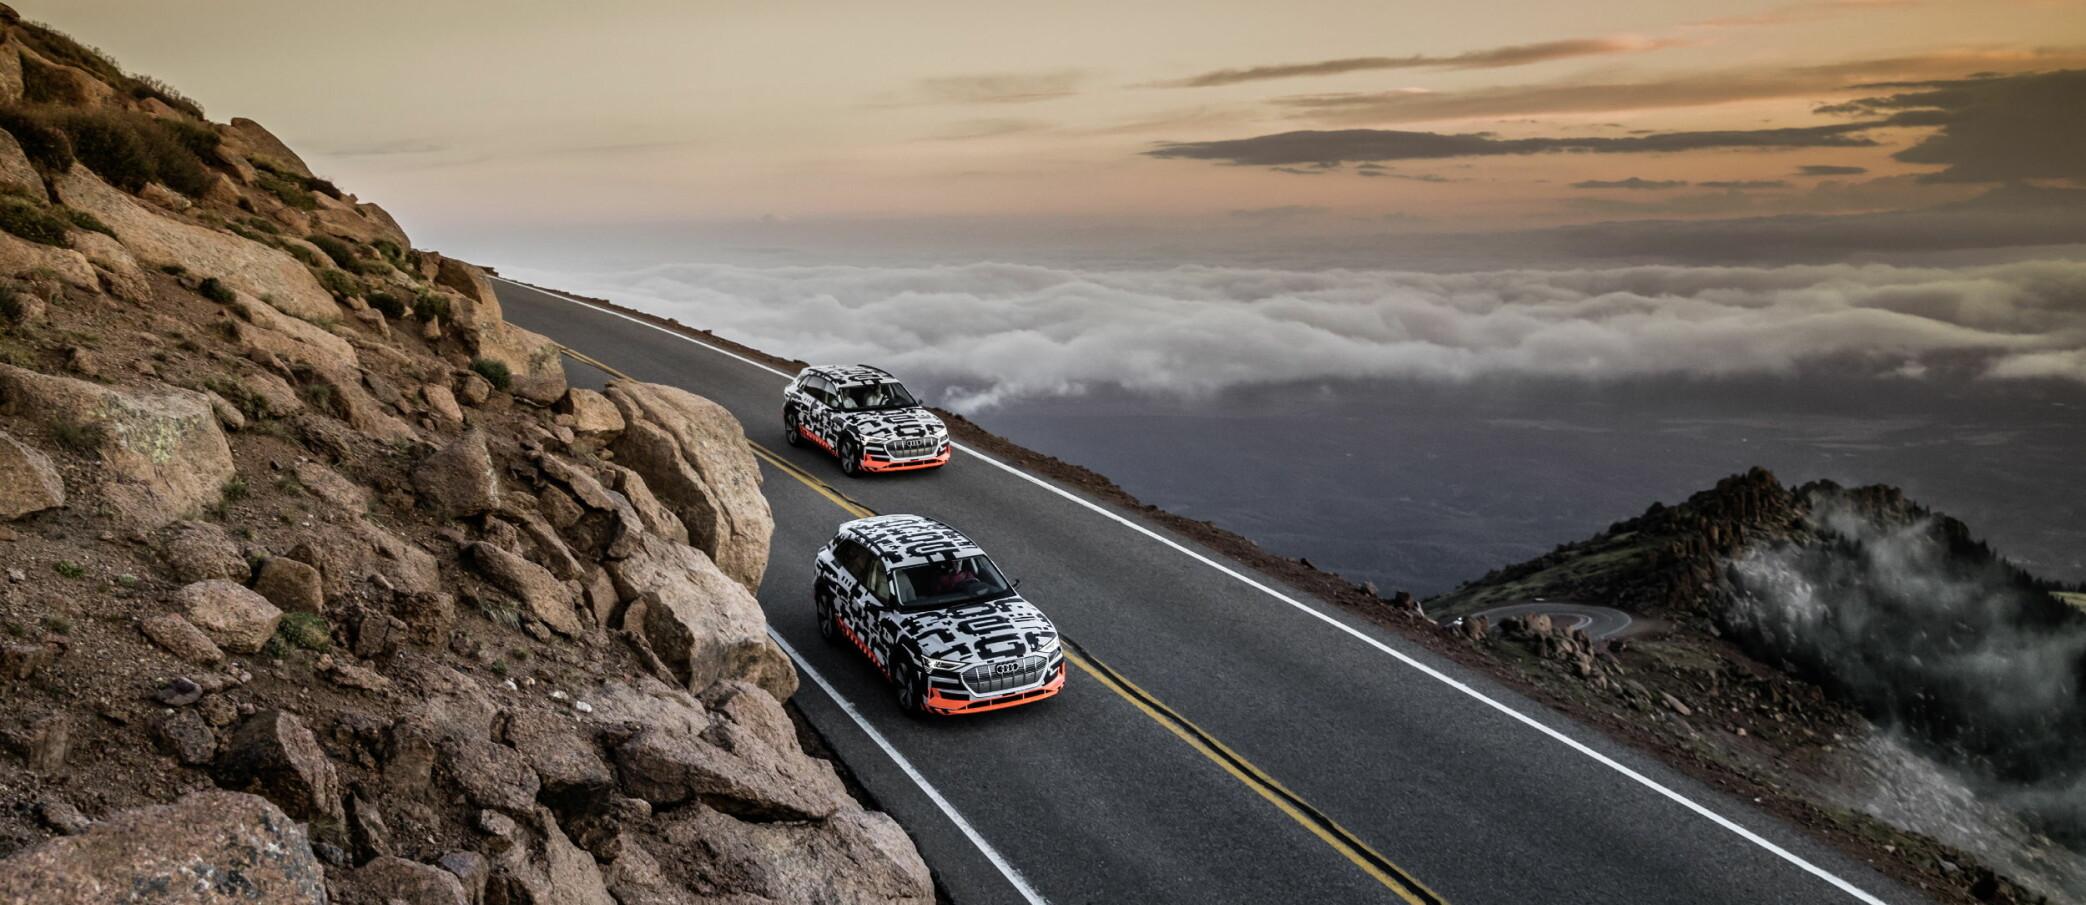 Et knippe journalister har vært i Colorado Springs og sniktittet på Audis første elbil, e-tron quattro.